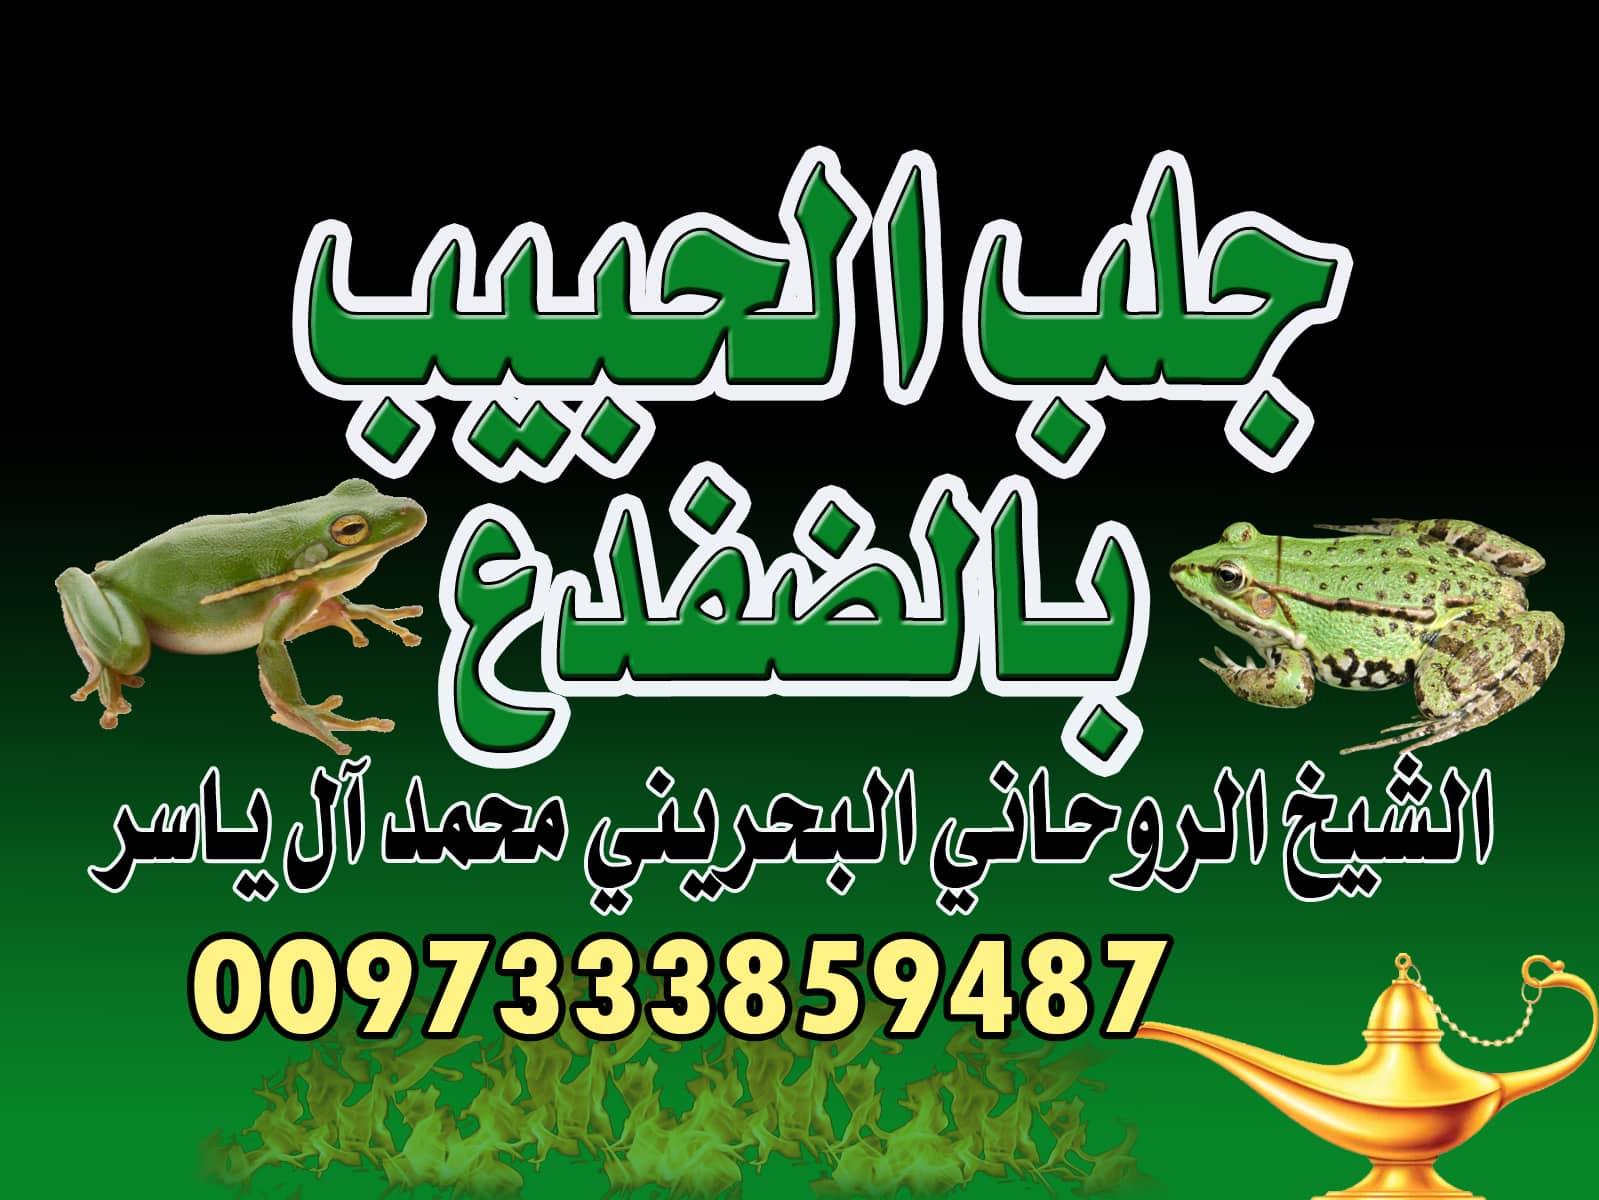 جلب الحبيب بالضفدع الشيخ الروحاني محمد آل ياسر 0097333859487